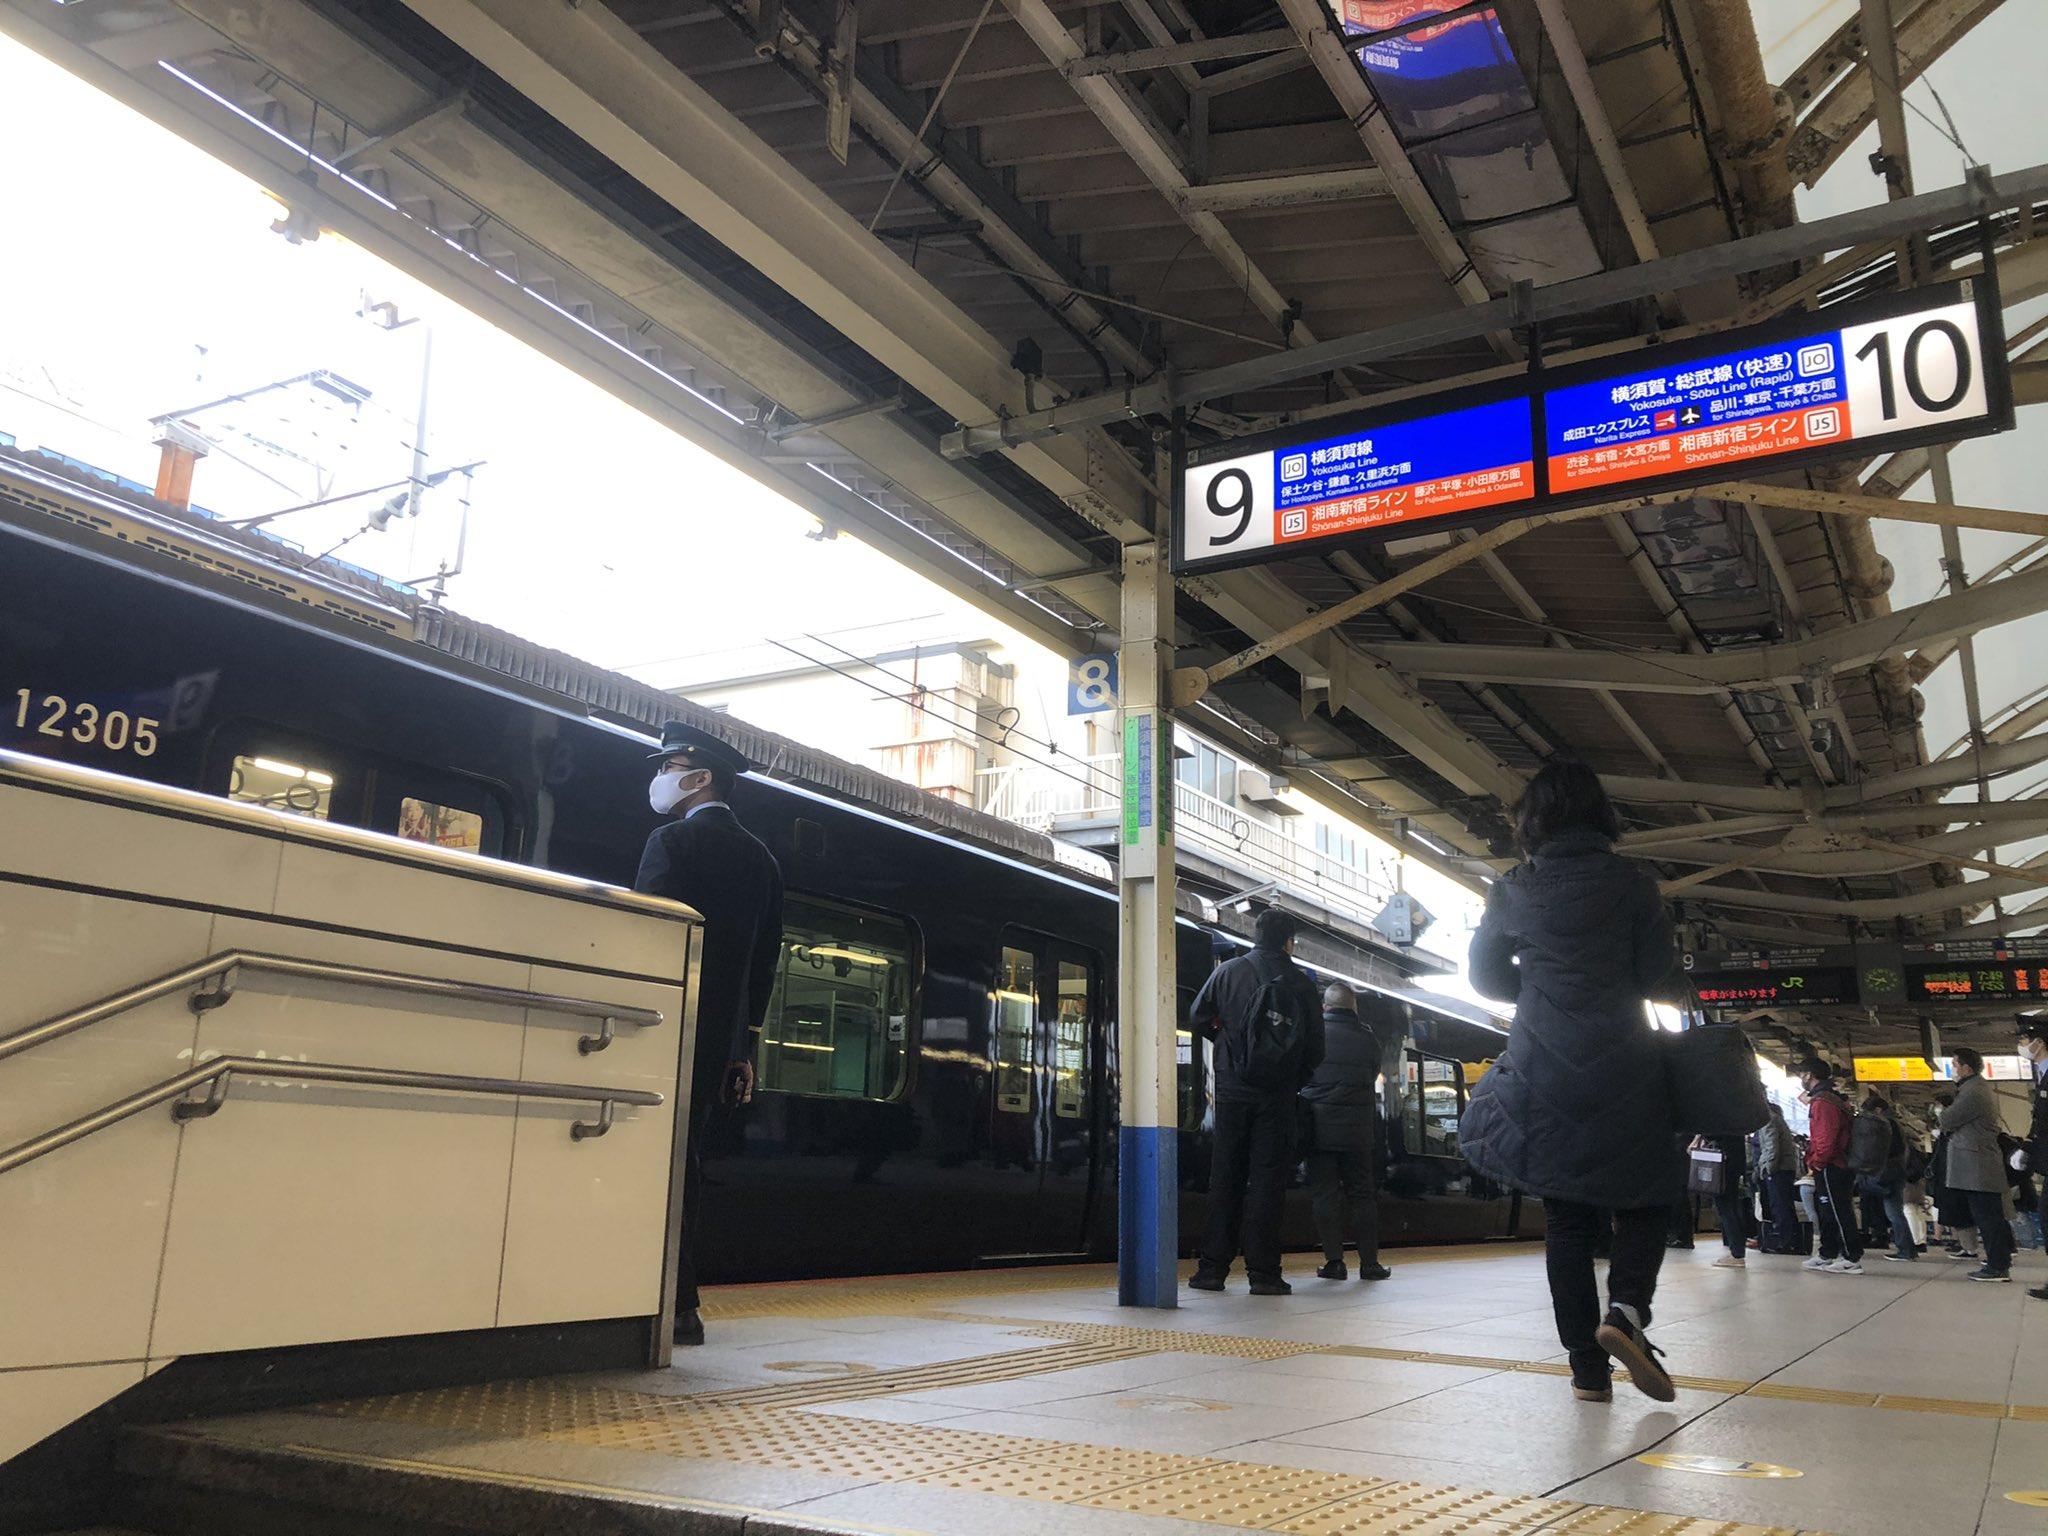 【珍事】相鉄12000系がJR横浜駅横須賀線ホームに入線 ポイント故障で相鉄線に入れず